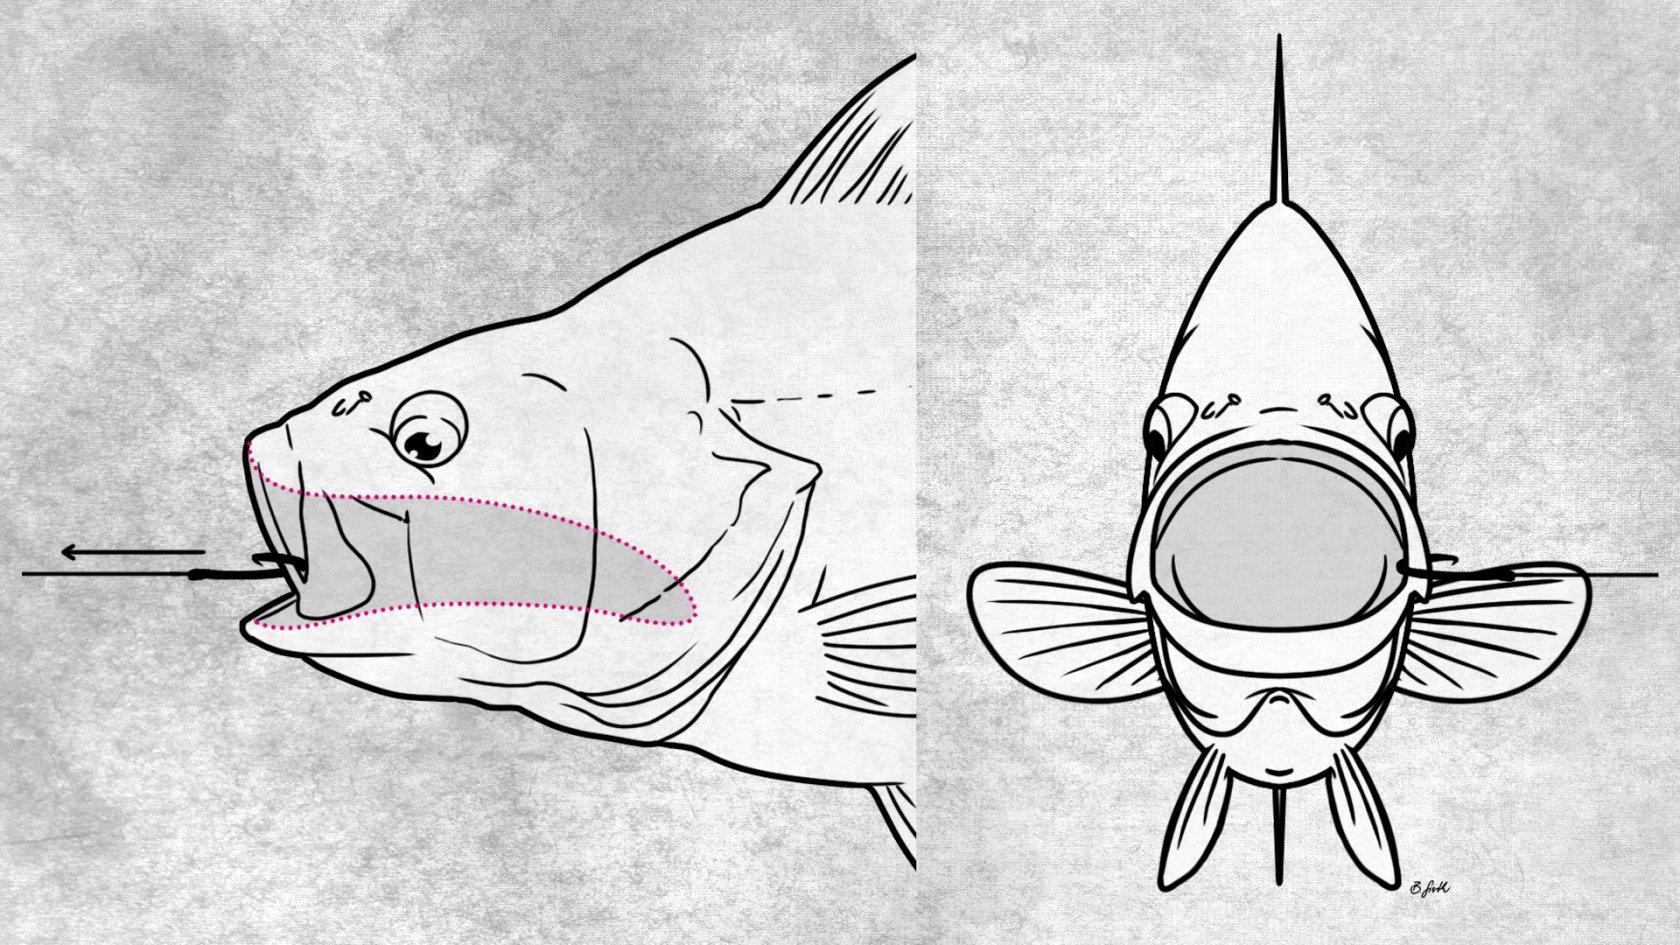 Fischverluste sind selten mit Kreishaken